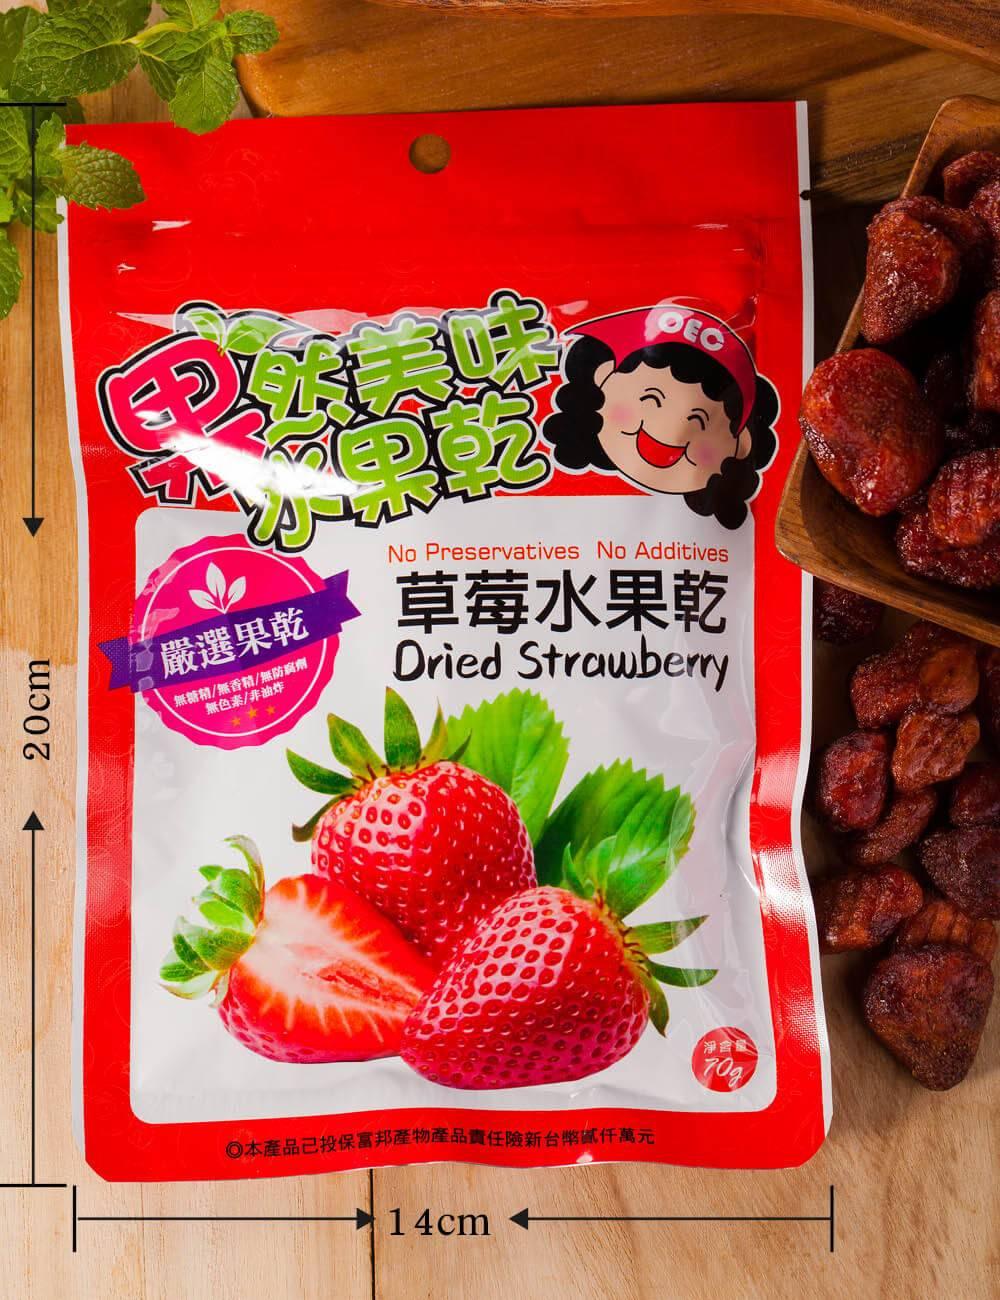 超好吃草莓果乾 出貨包裝圖